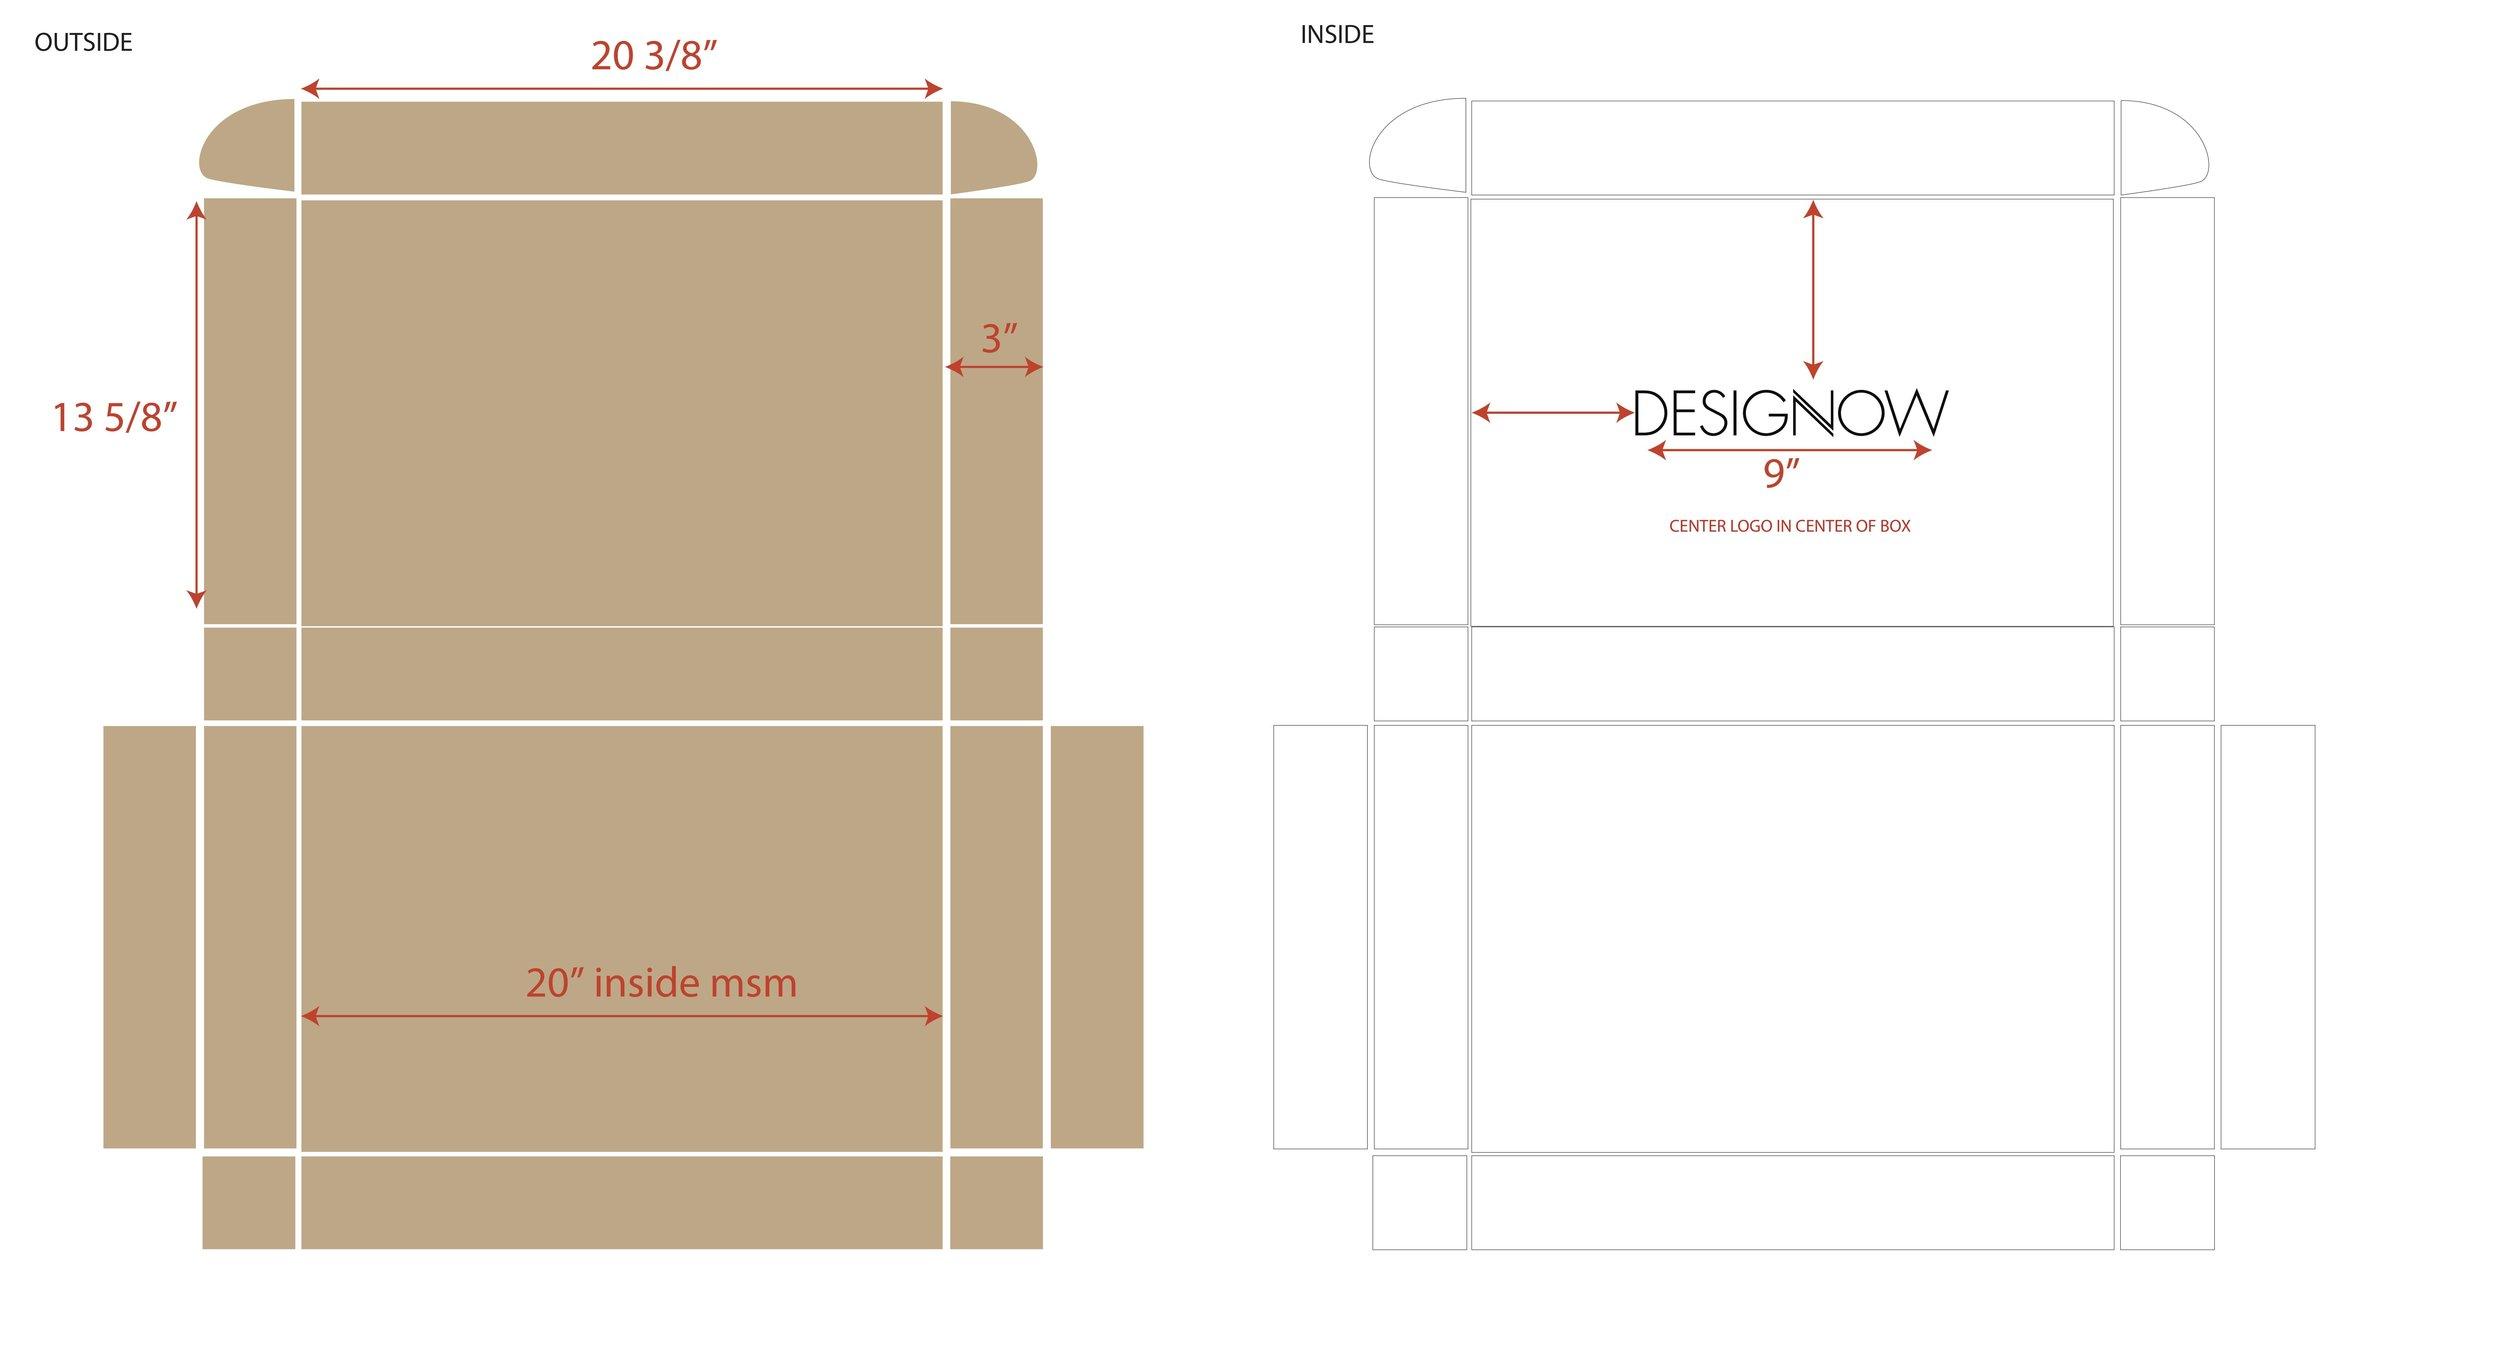 Designow_BIG BOX MSMS.jpg